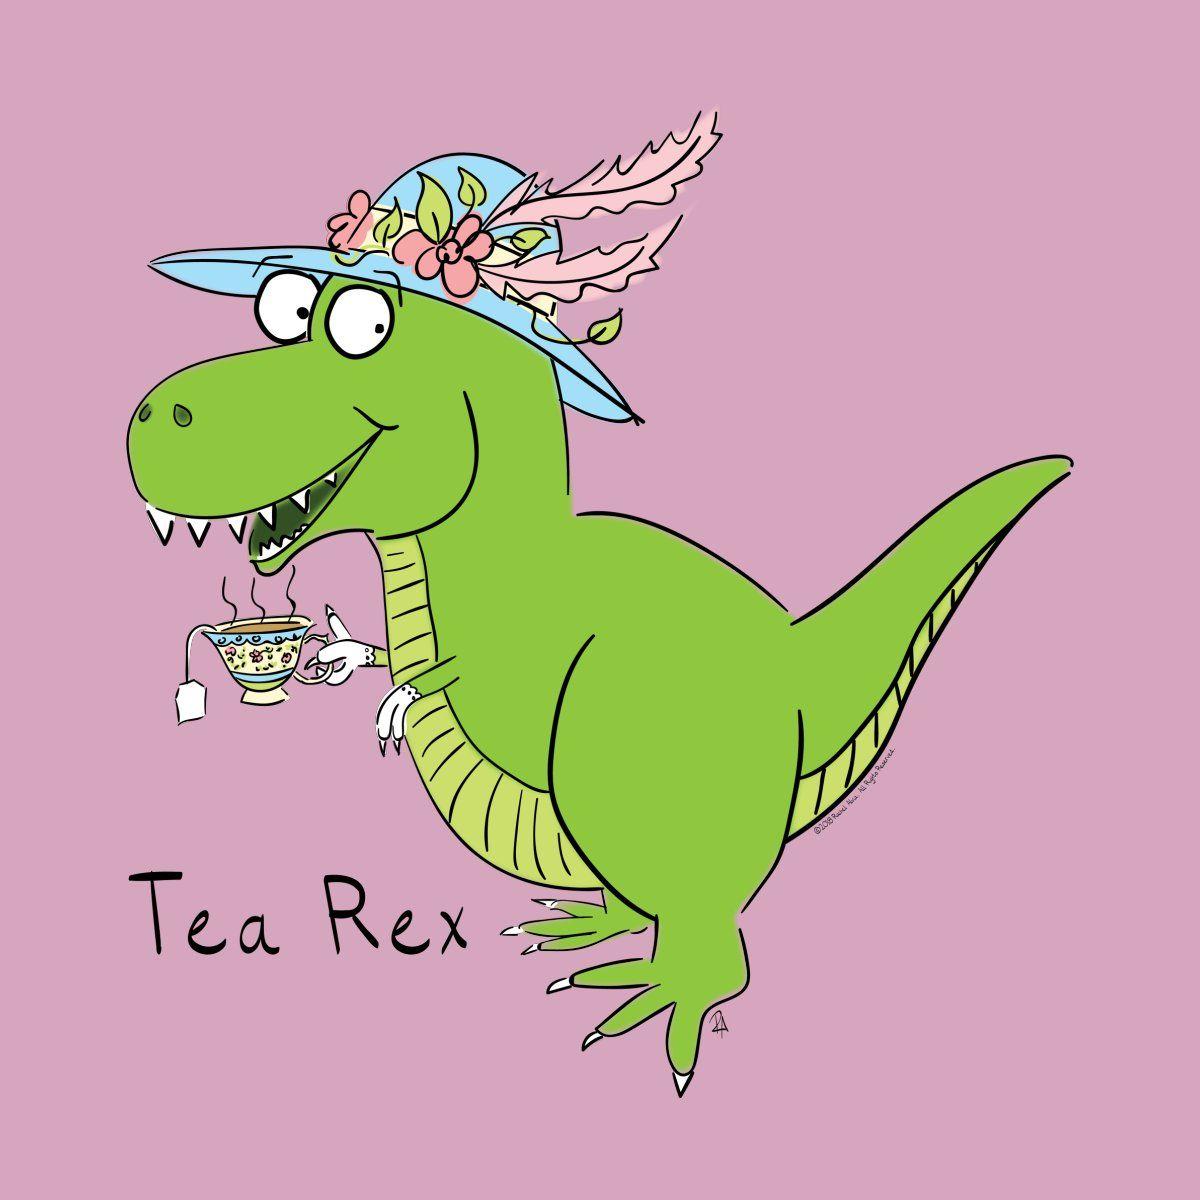 TEA REX KIDS CHILDRENS T-SHIRT TOP FUNNY CUTE CARTOON DESIGN TOP BOYS GIRLS